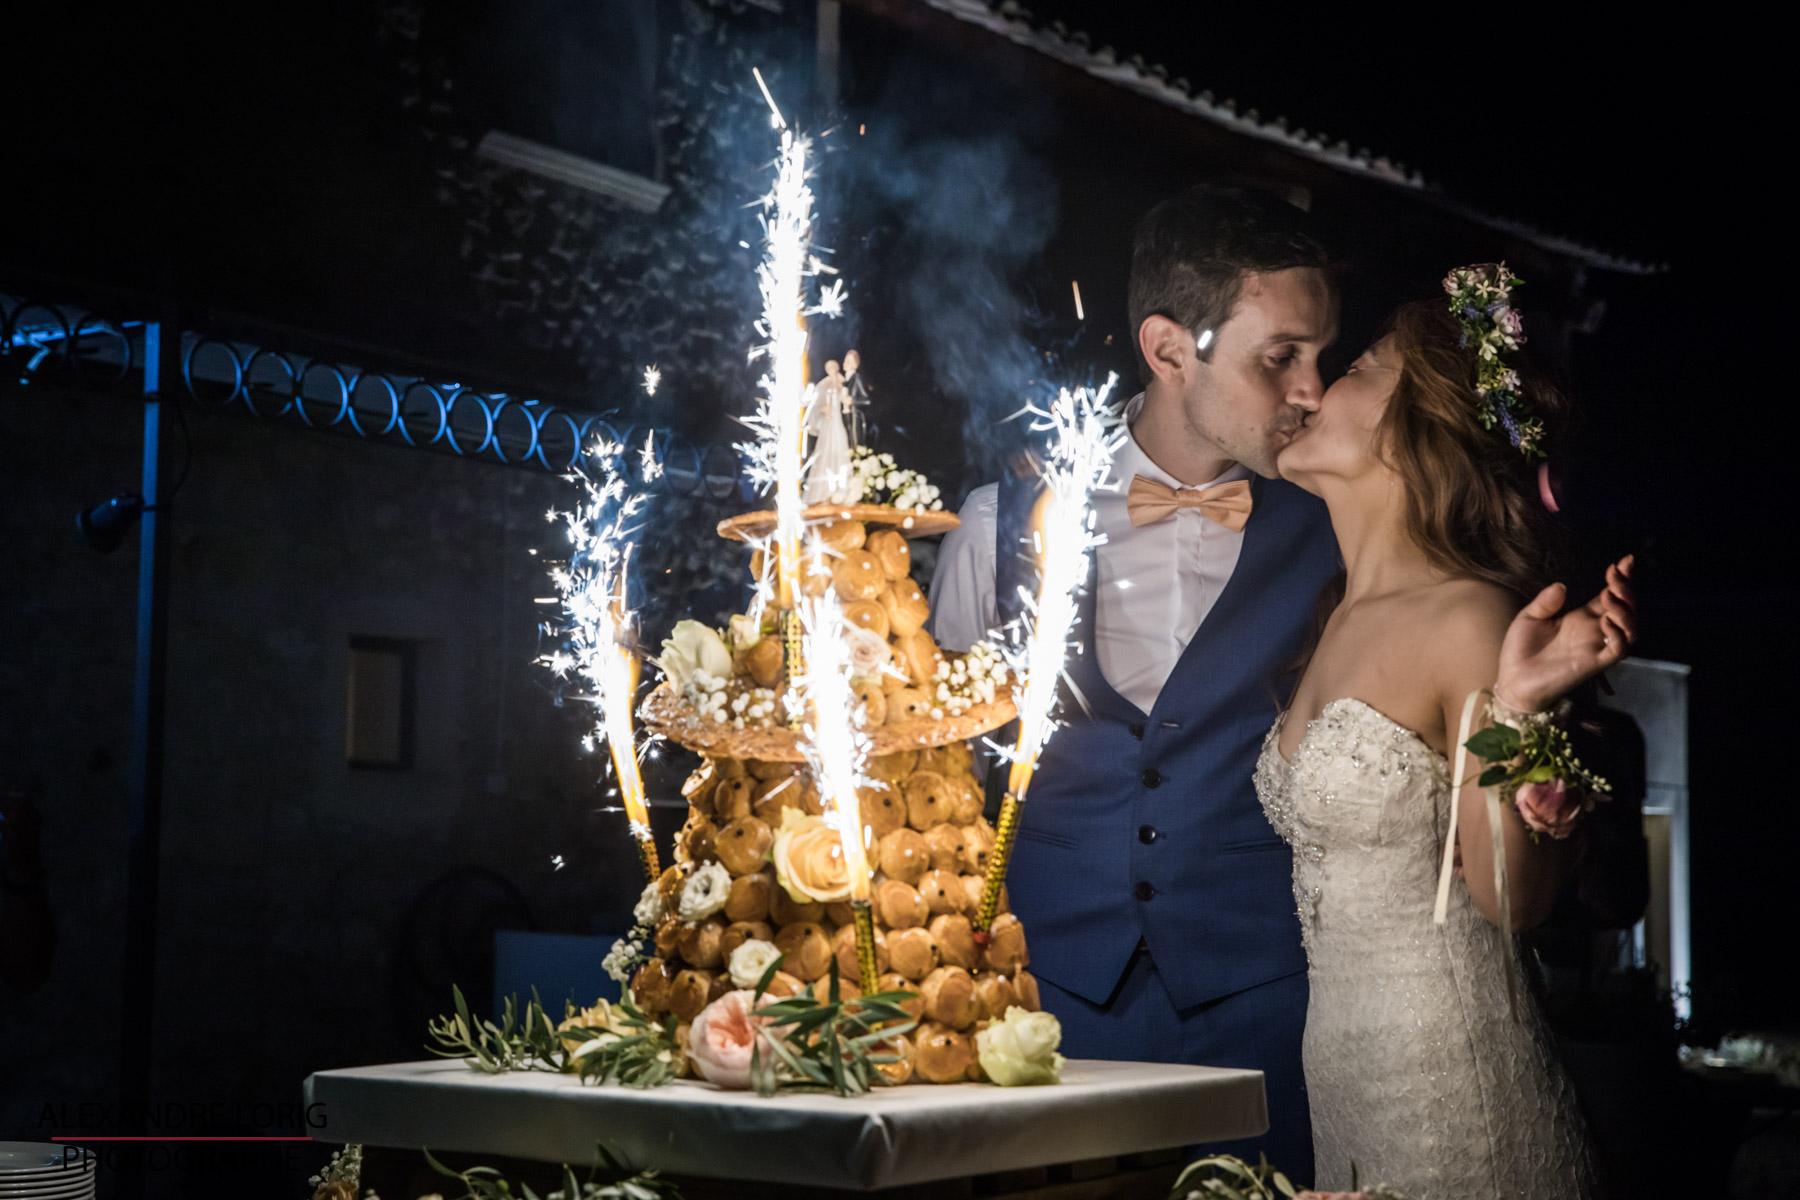 le coeur dans les etoiles - wedding planner provence - luberon - mariage provence - Alexandre Lorig - arrivee gateau